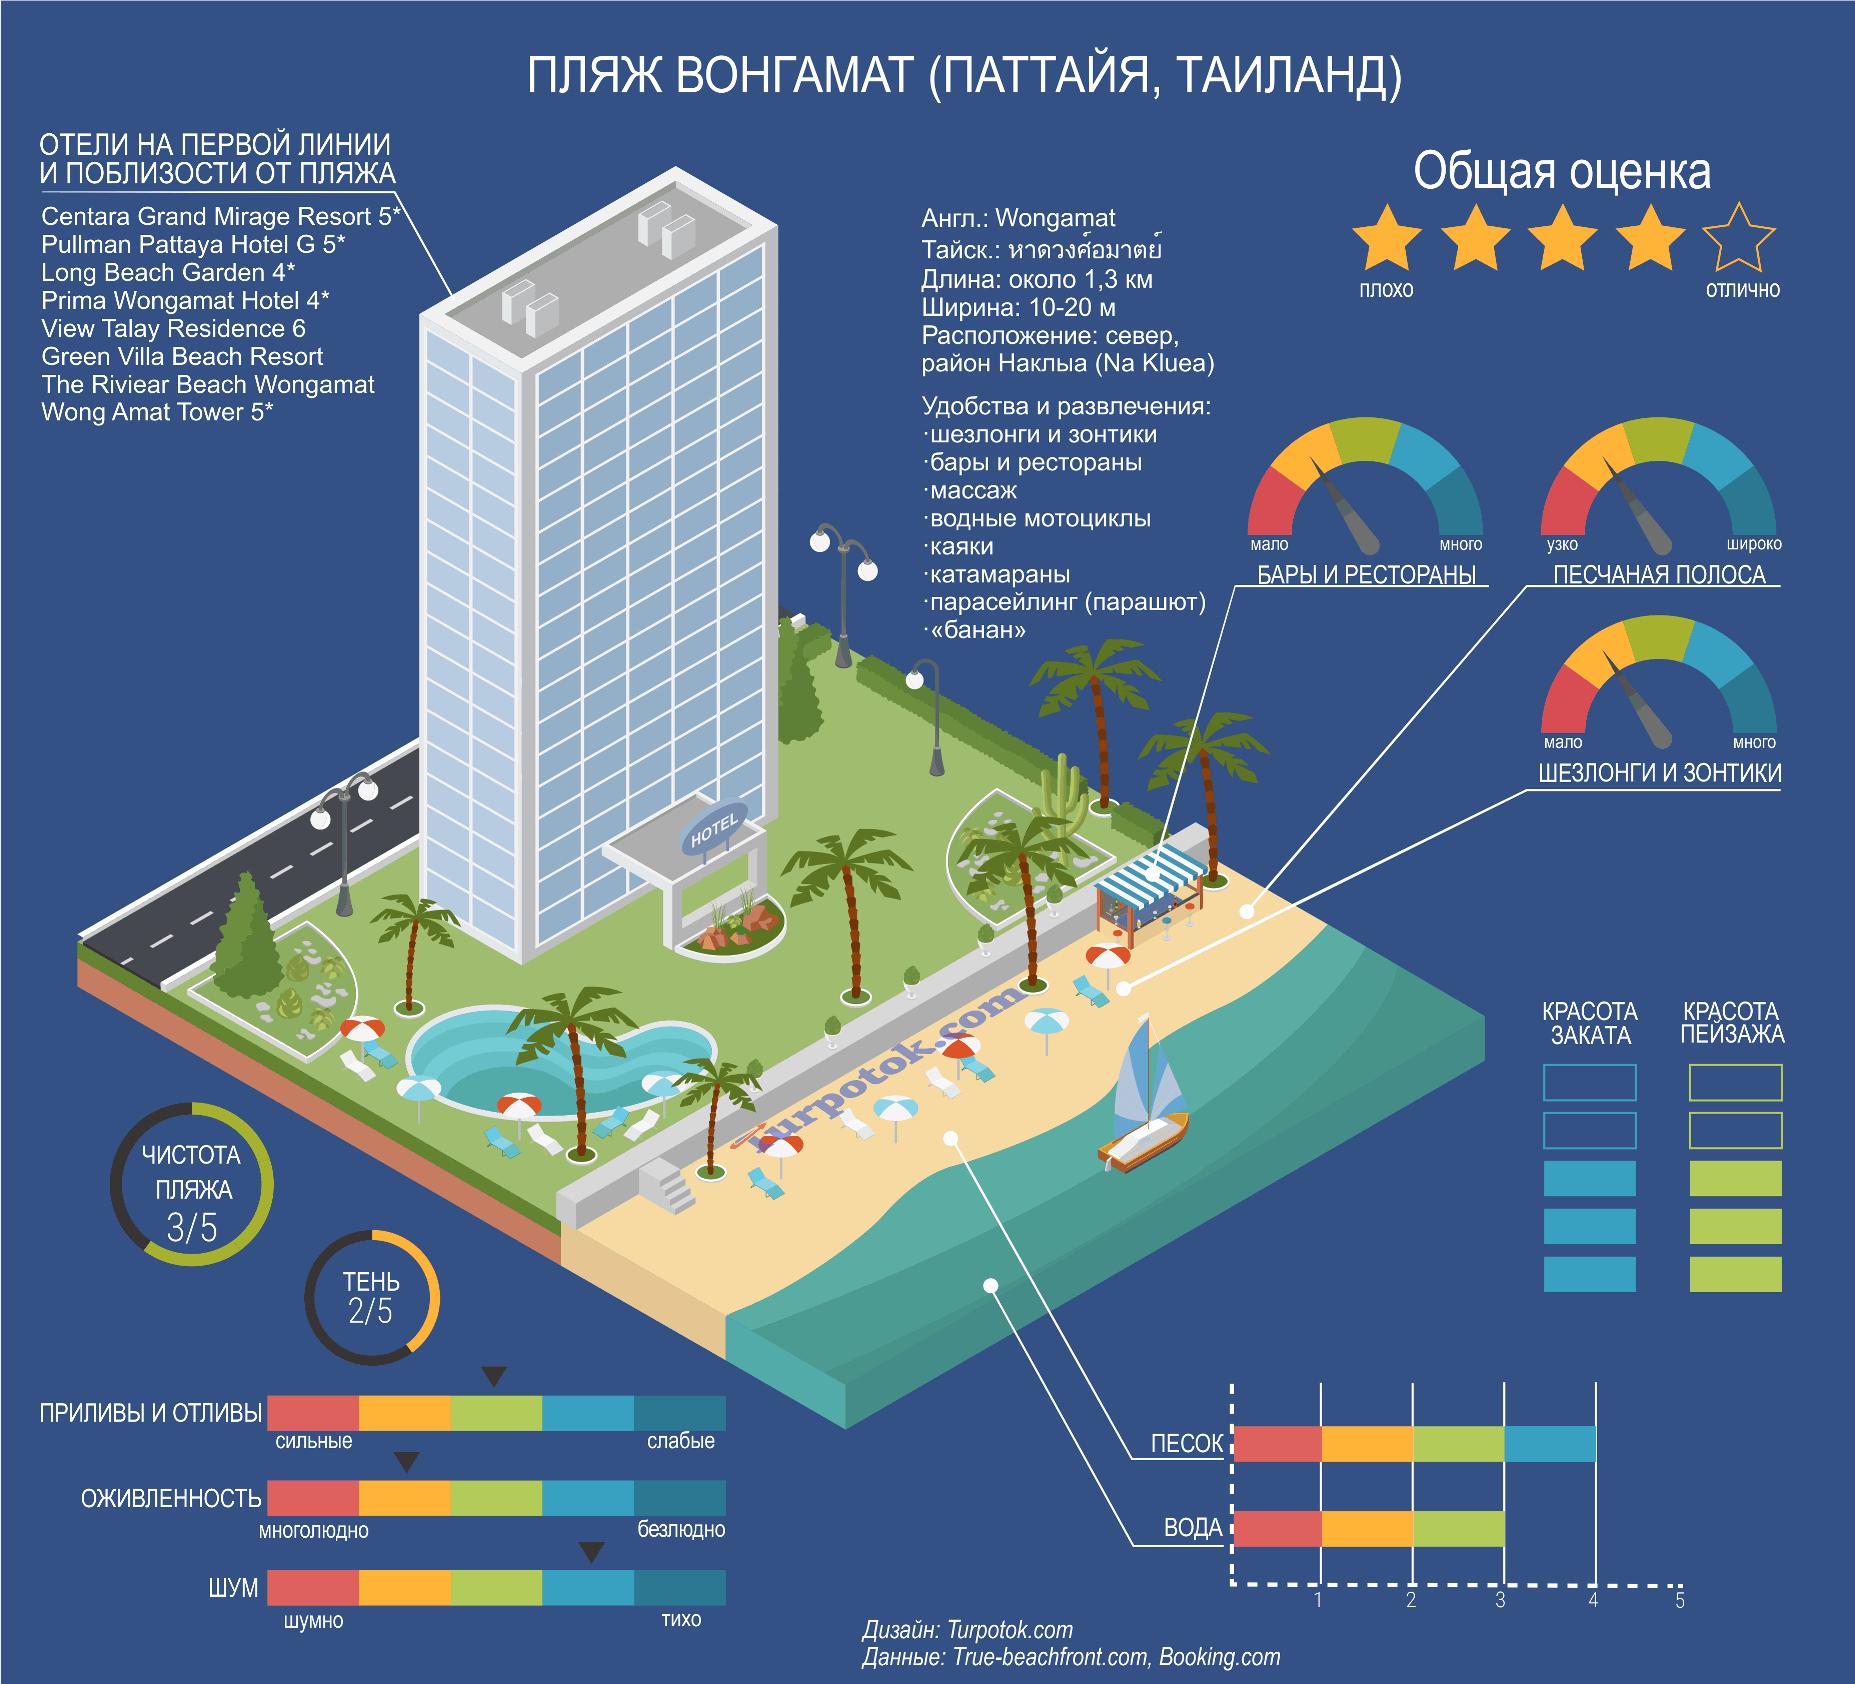 Инфографика с описанием пляжа Вонгамат в Паттайе